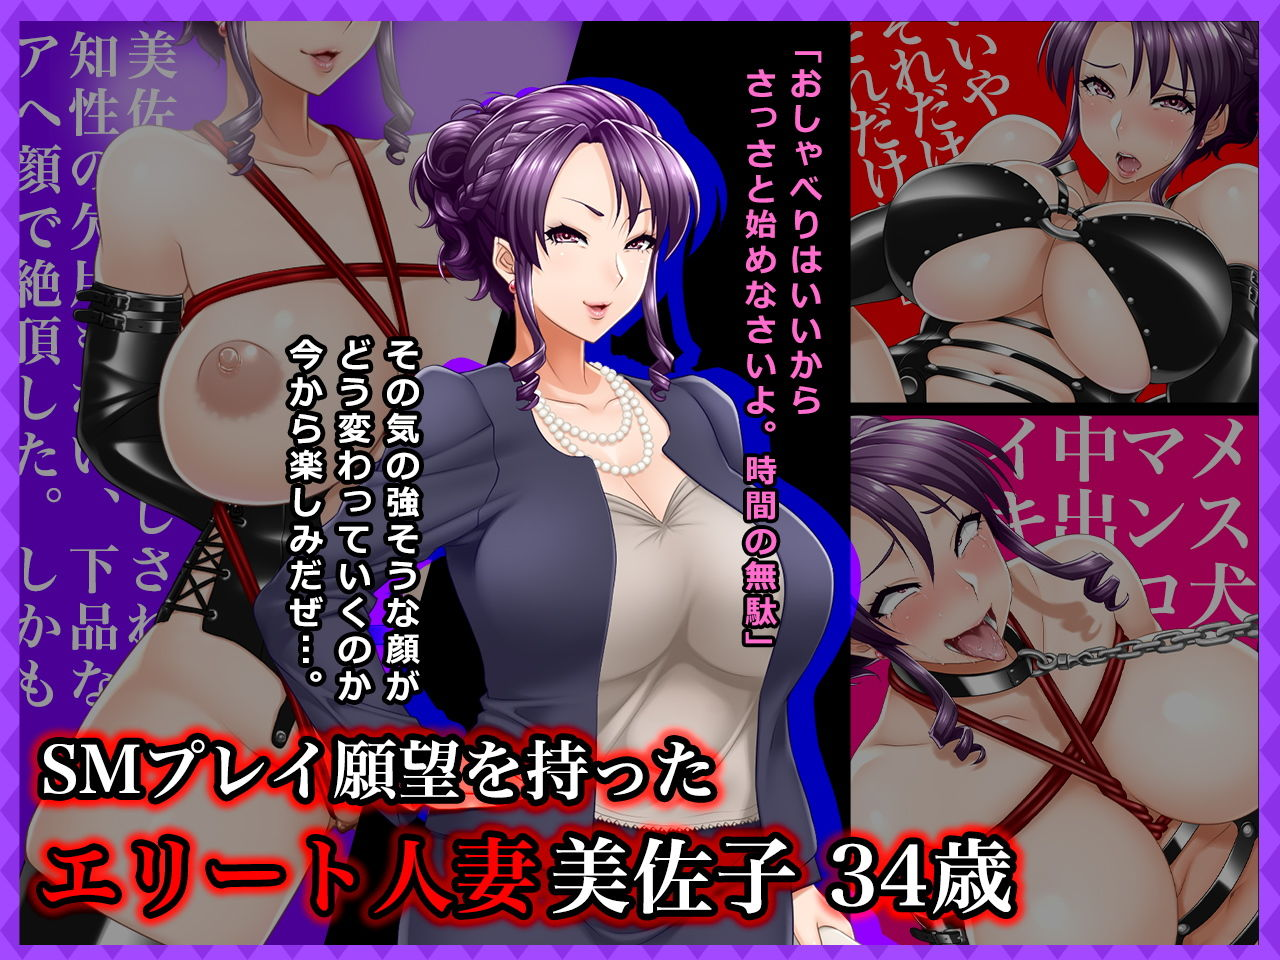 #人妻ハッカーの罠に堕ちたドS妻たち【その4】楓/美佐子/香里